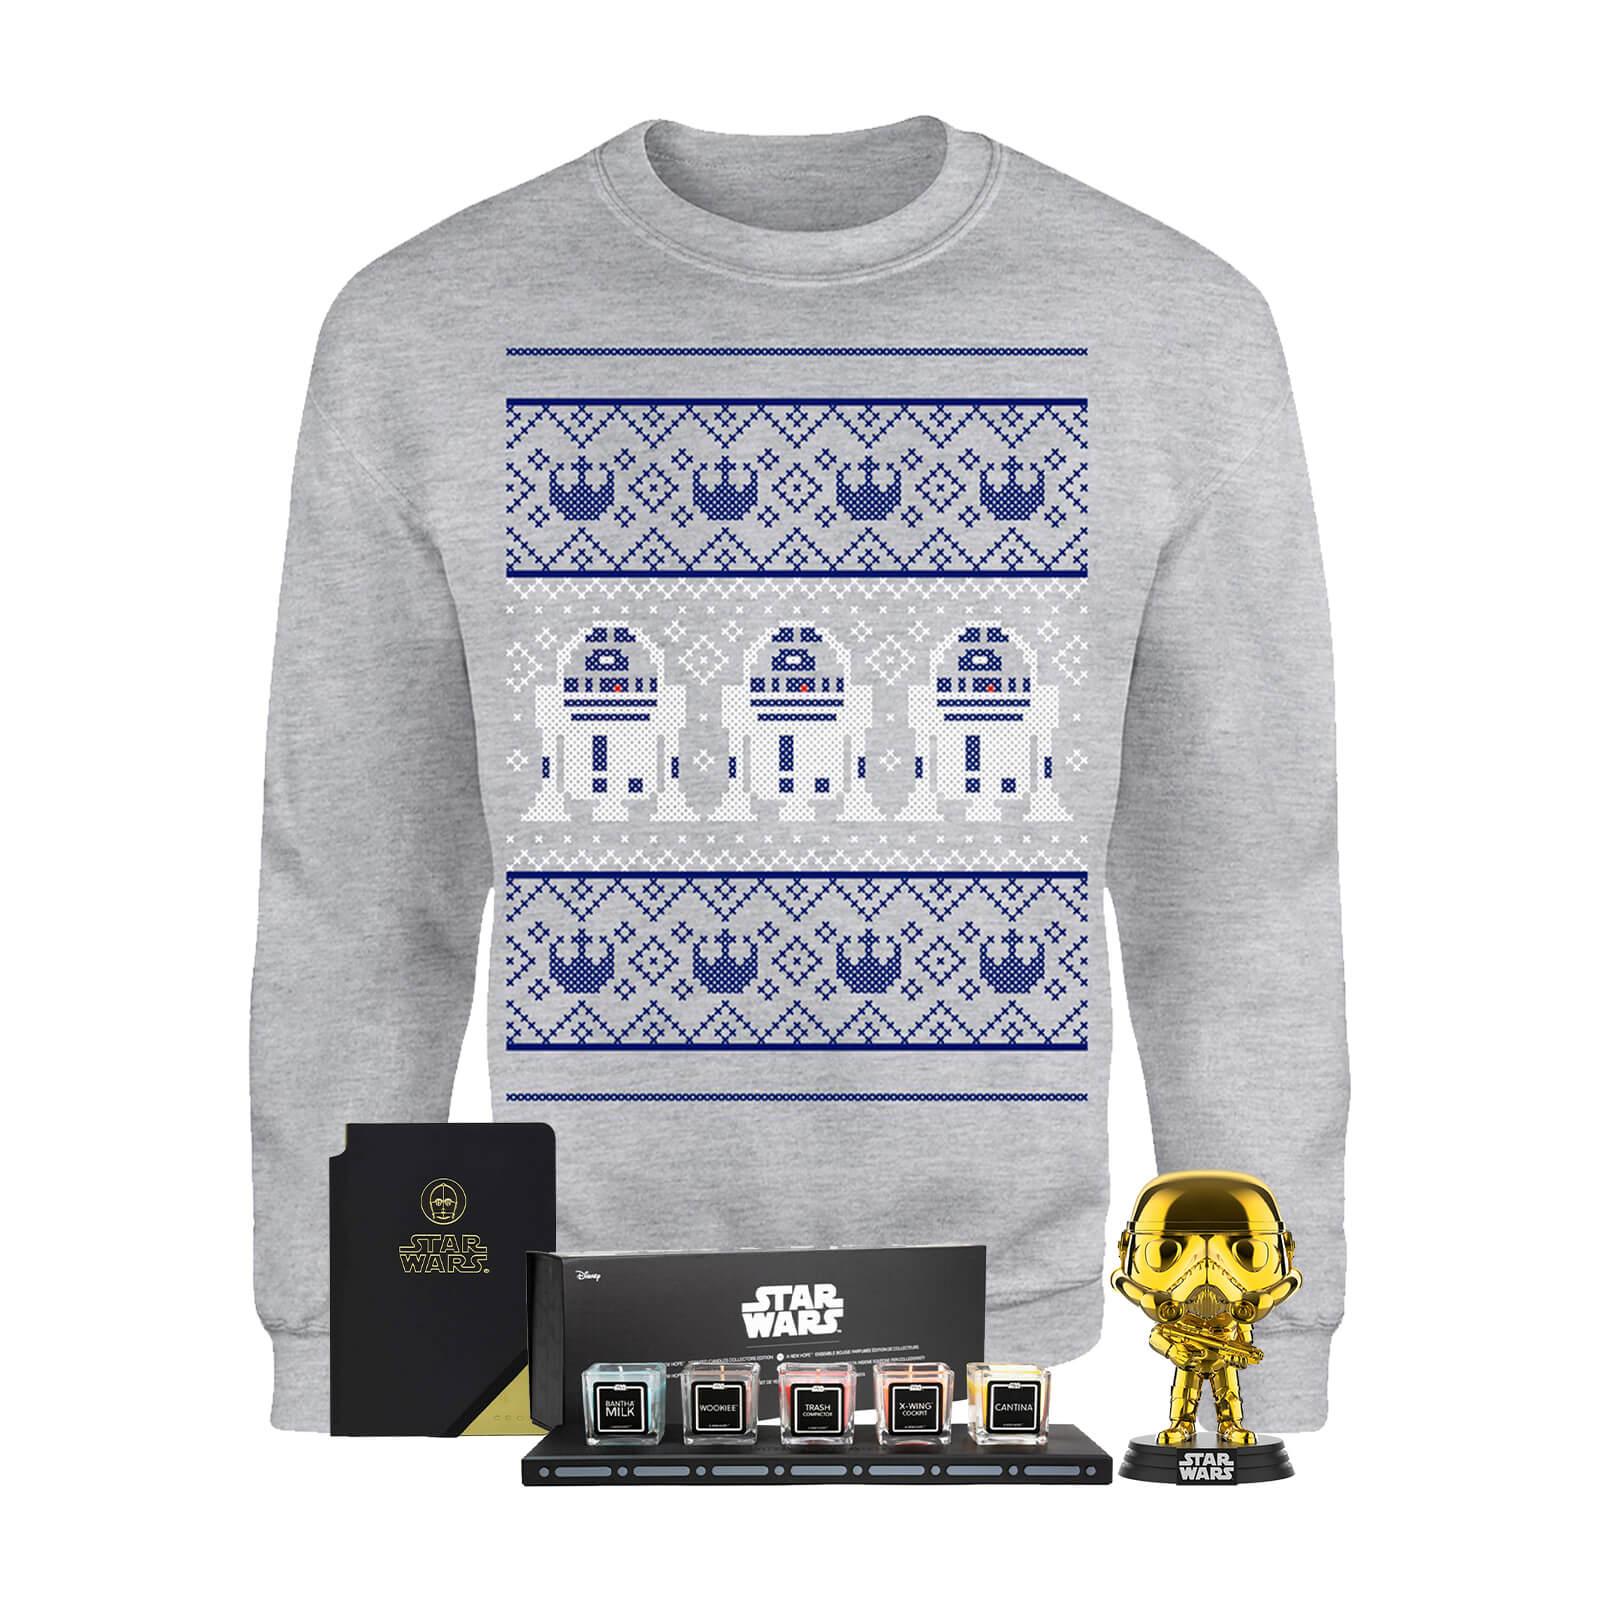 Star Wars Bundle: Weihnachtspullover (Gr. S-XXL) + Kerzenset + Notizbuch + Funko-Pop für 27,99€ oder Darth Vader Lautsprecher für 64,48€